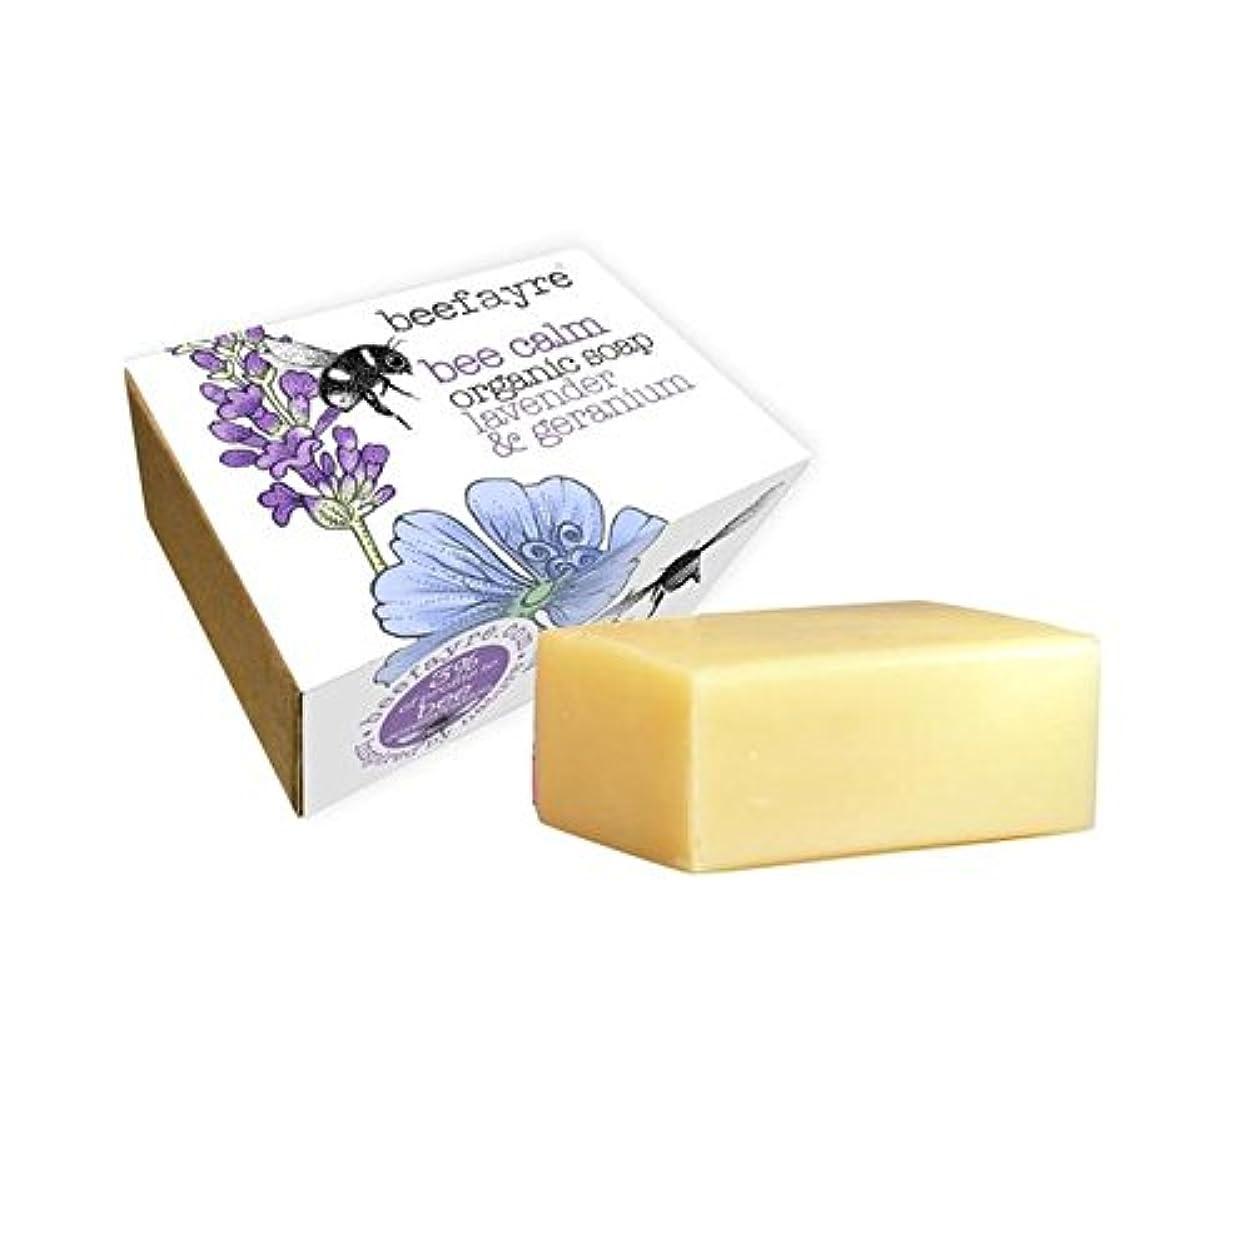 できた統計的ステープル有機ゼラニウム&ラベンダー石鹸 x4 - Beefayre Organic Geranium & Lavender Soap (Pack of 4) [並行輸入品]